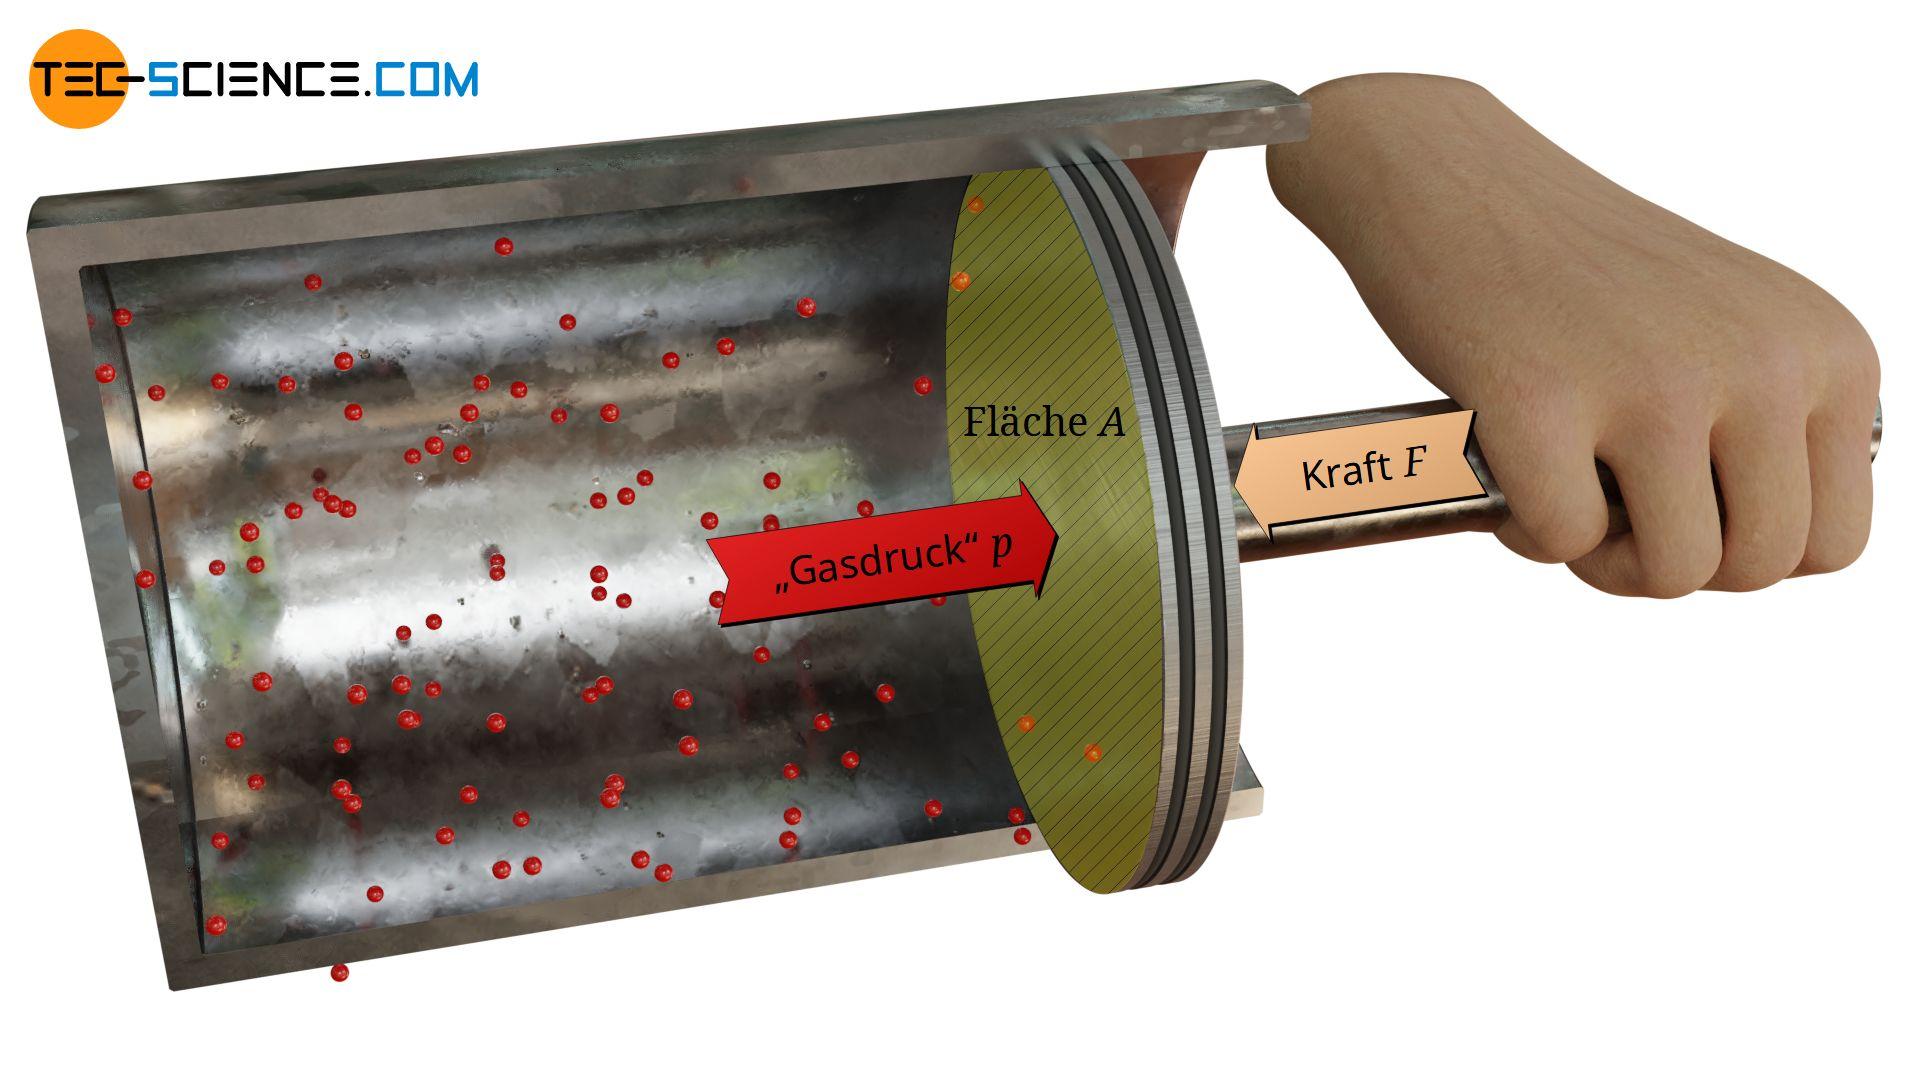 Mikroskopische Interpretation des Gasdrucks